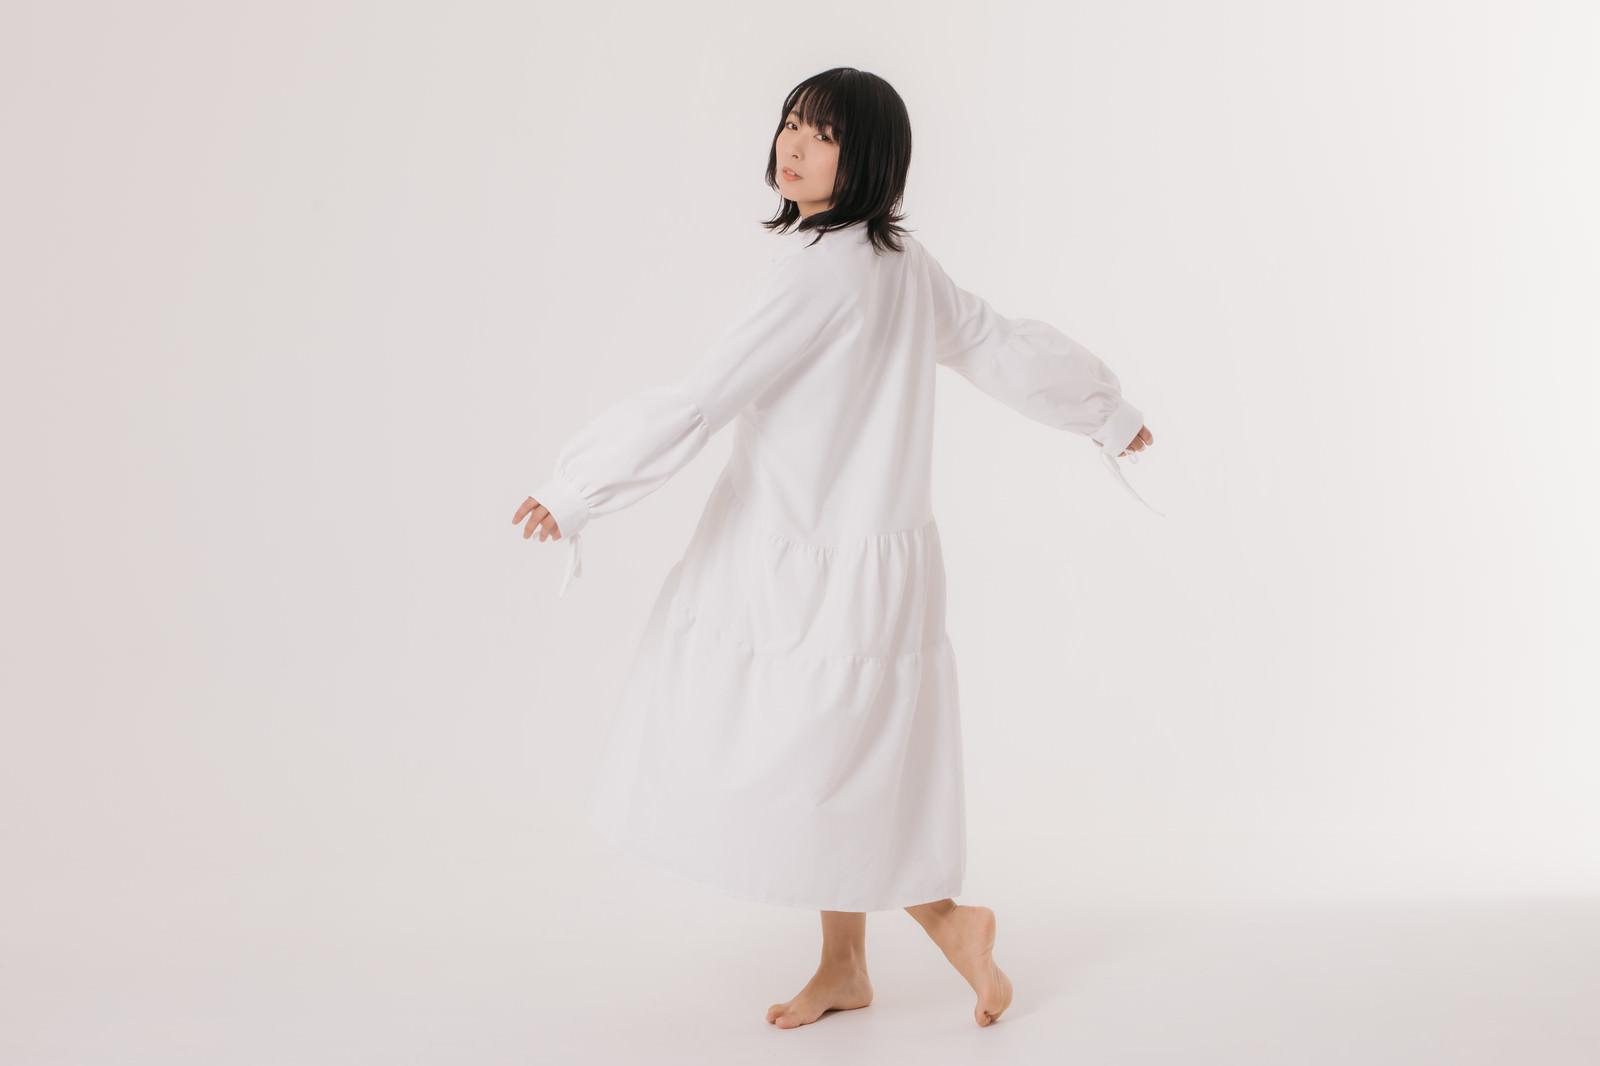 「少し大きめのワンピを着て振り返る女性モデル」の写真[モデル:にゃるる]